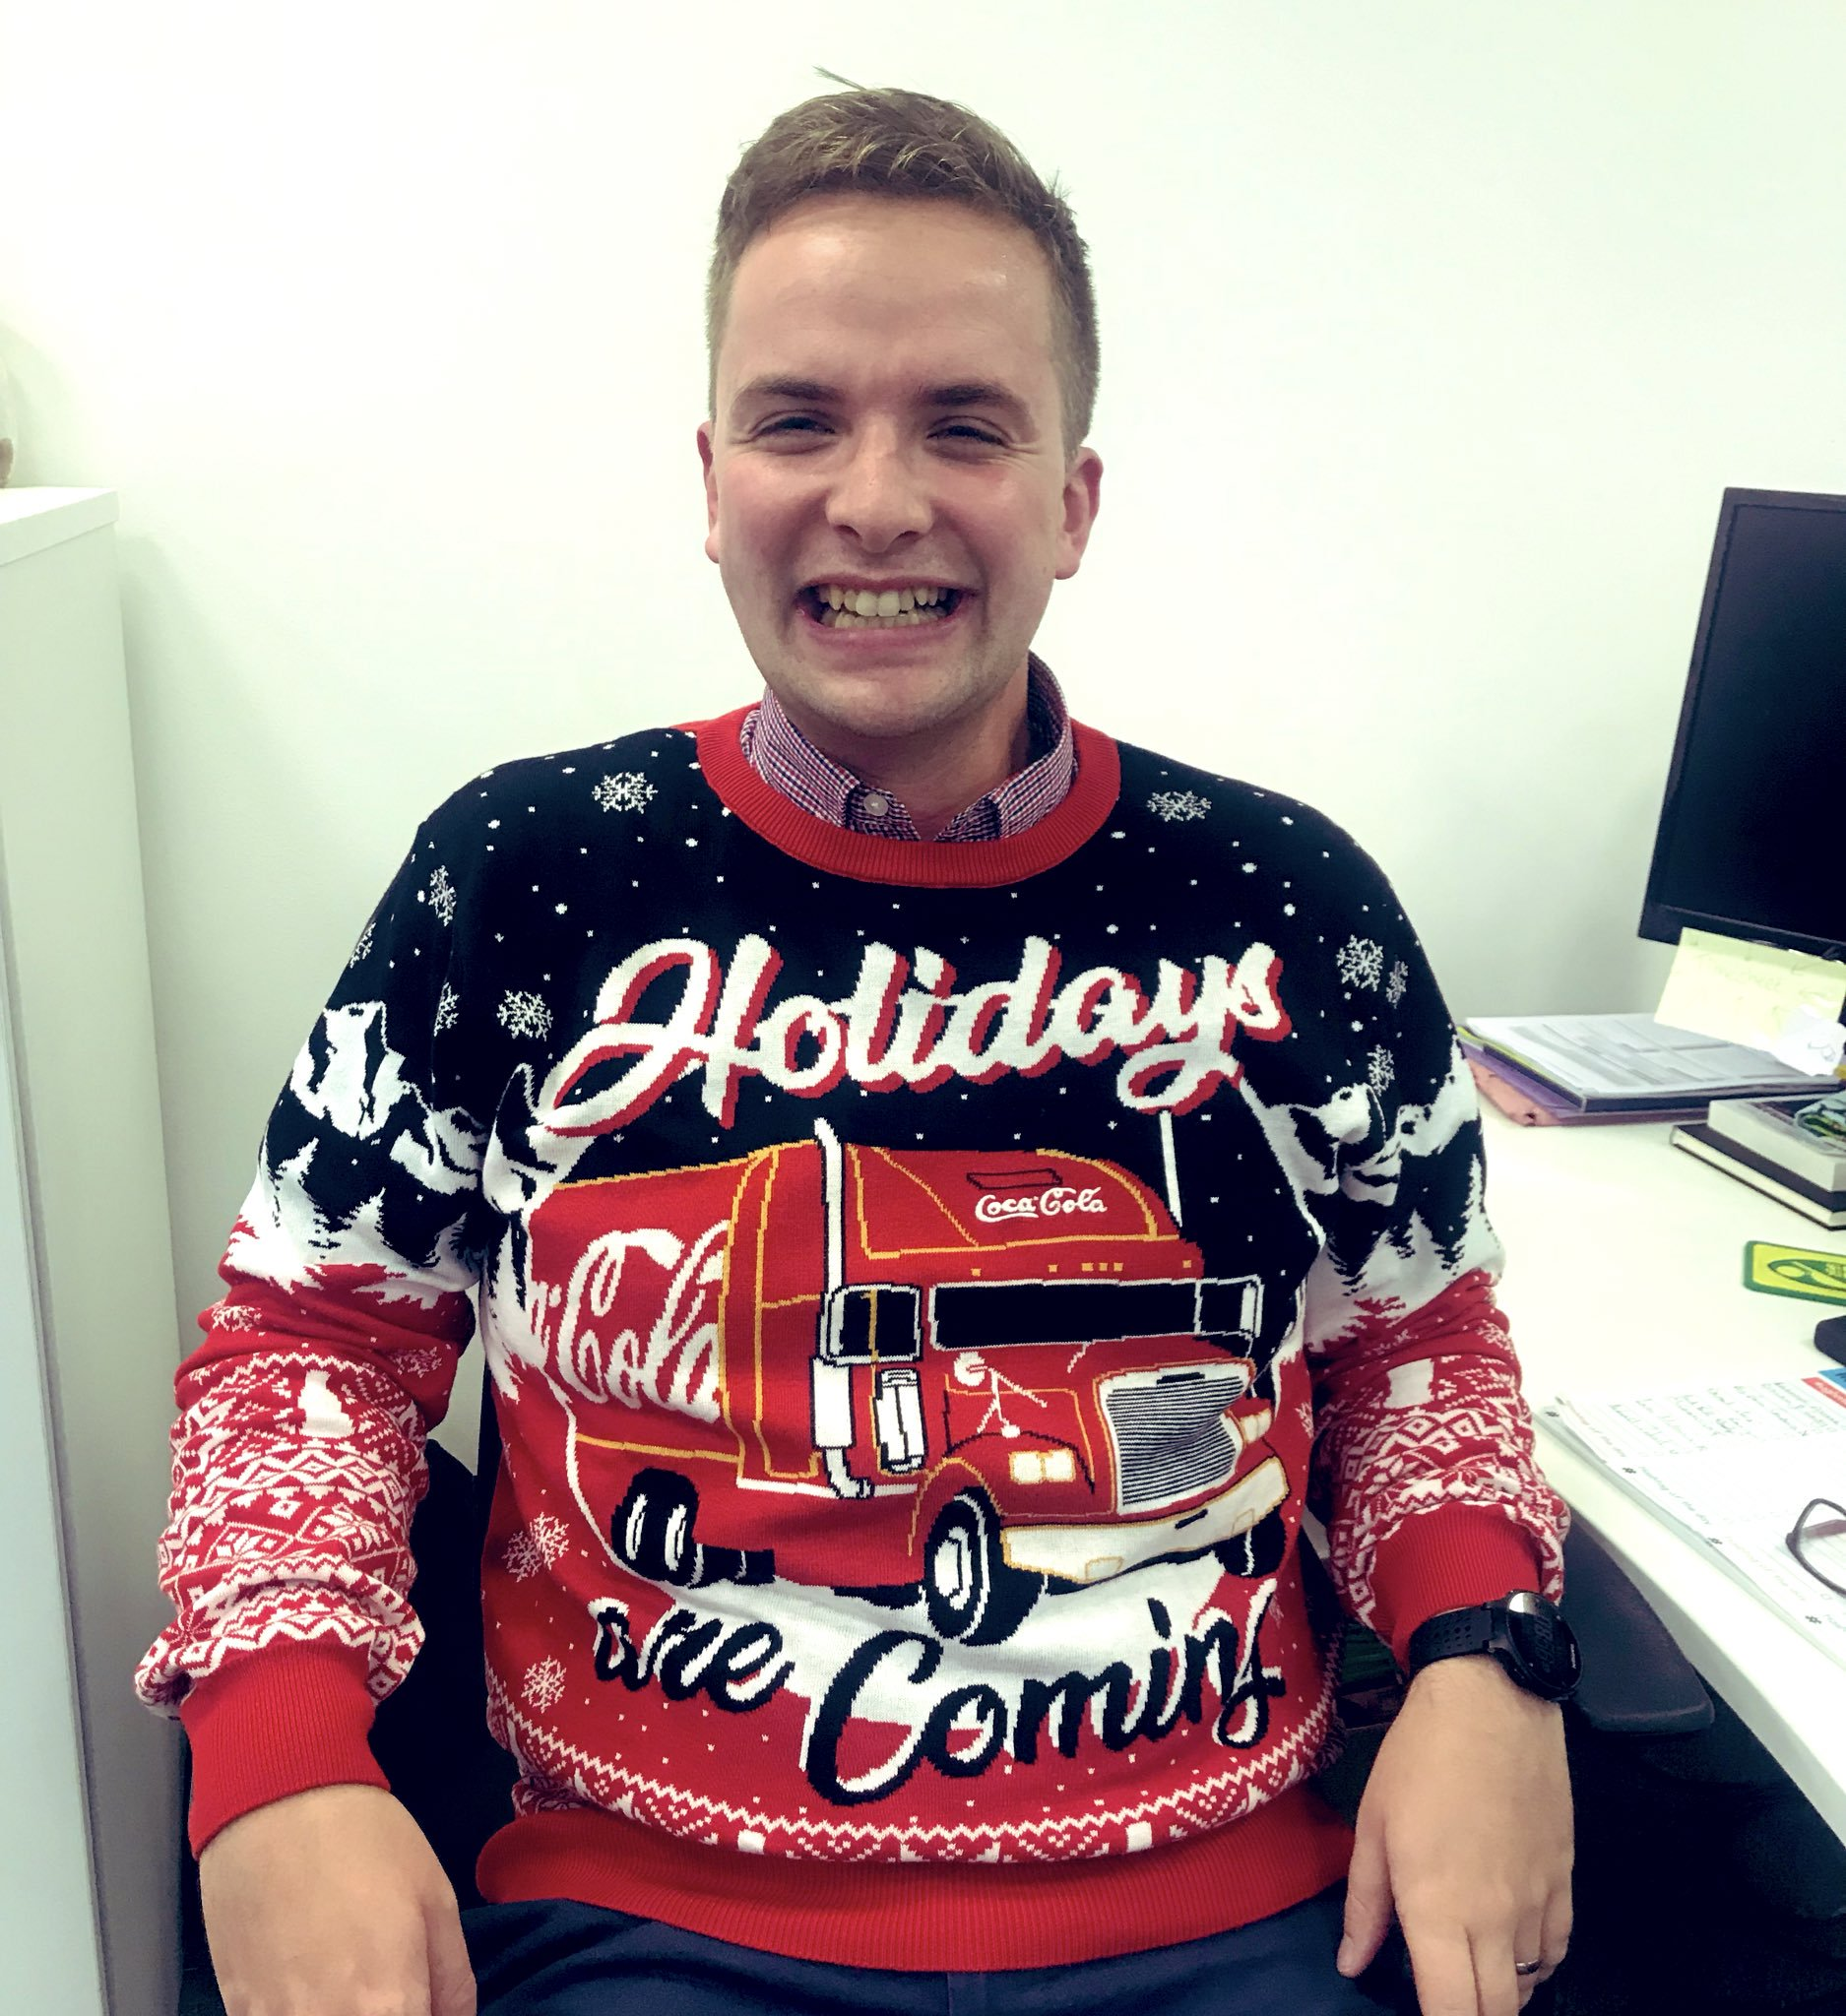 Alex wearing a Christmas jumper